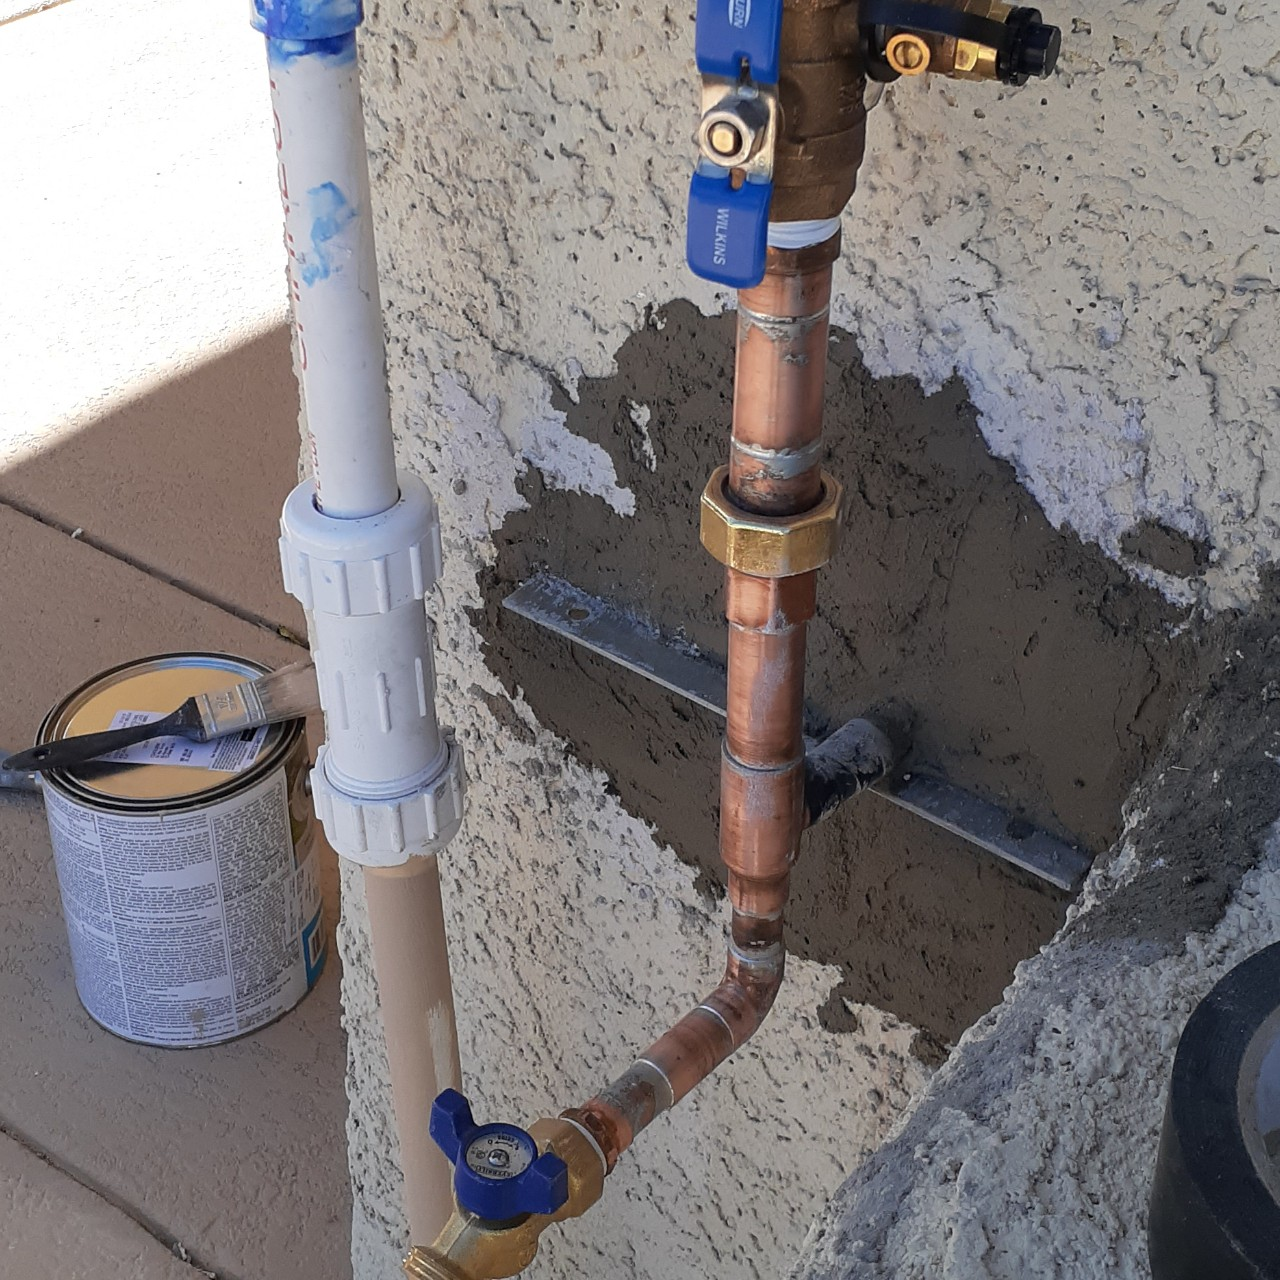 plumbing-backflow-preventer-replacement--fixing-22